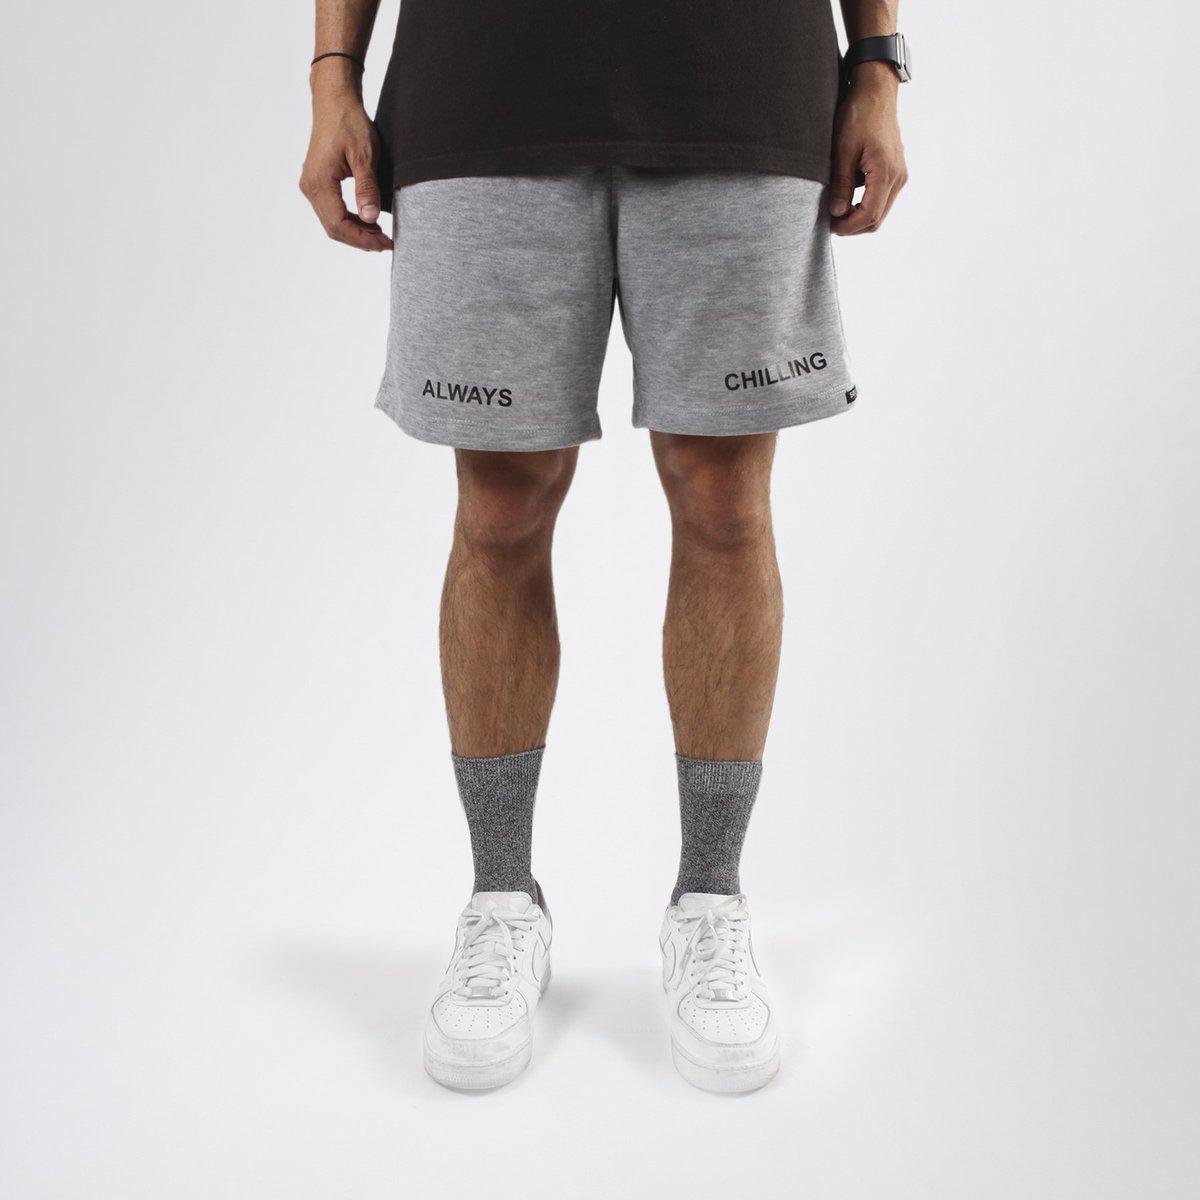 Nuevos shorts mod. Chilling, para pasar el rato y disfrutar de cualquier momento. Ya listo en nuestra tienda en línea 👇 https://t.co/1cTlooizS2 #SqualoInternacional #chillvibes https://t.co/tVOrTw2Lle